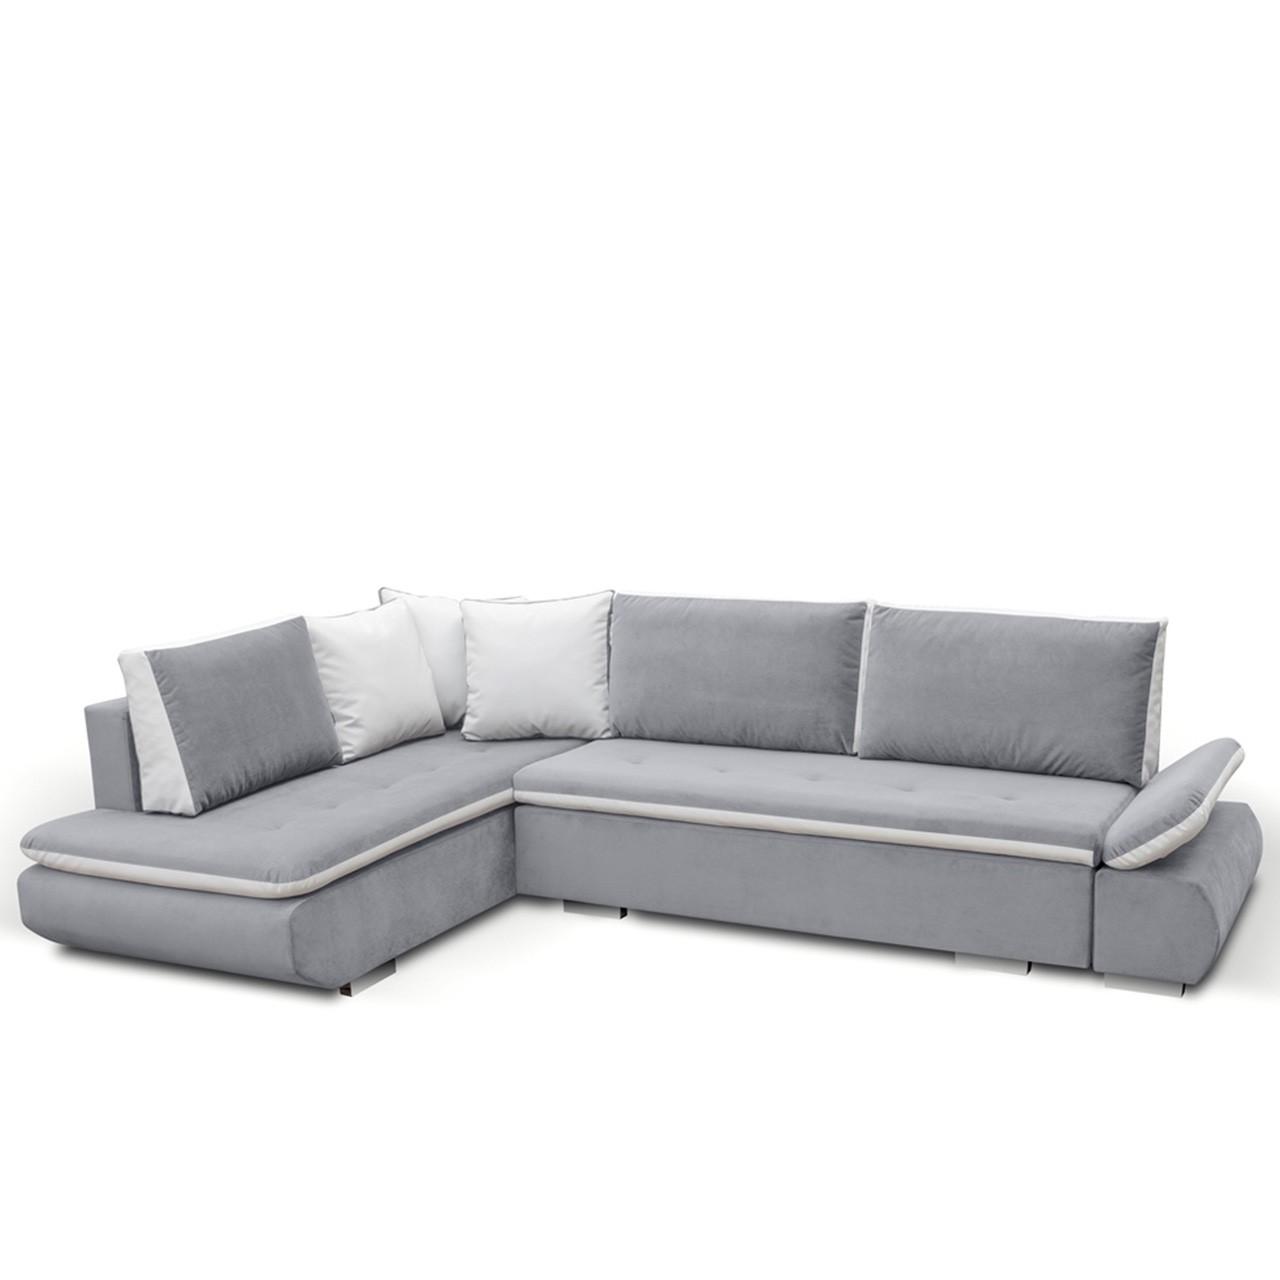 kleine ecksofas mit schlaffunktion leder ecksofa mit. Black Bedroom Furniture Sets. Home Design Ideas